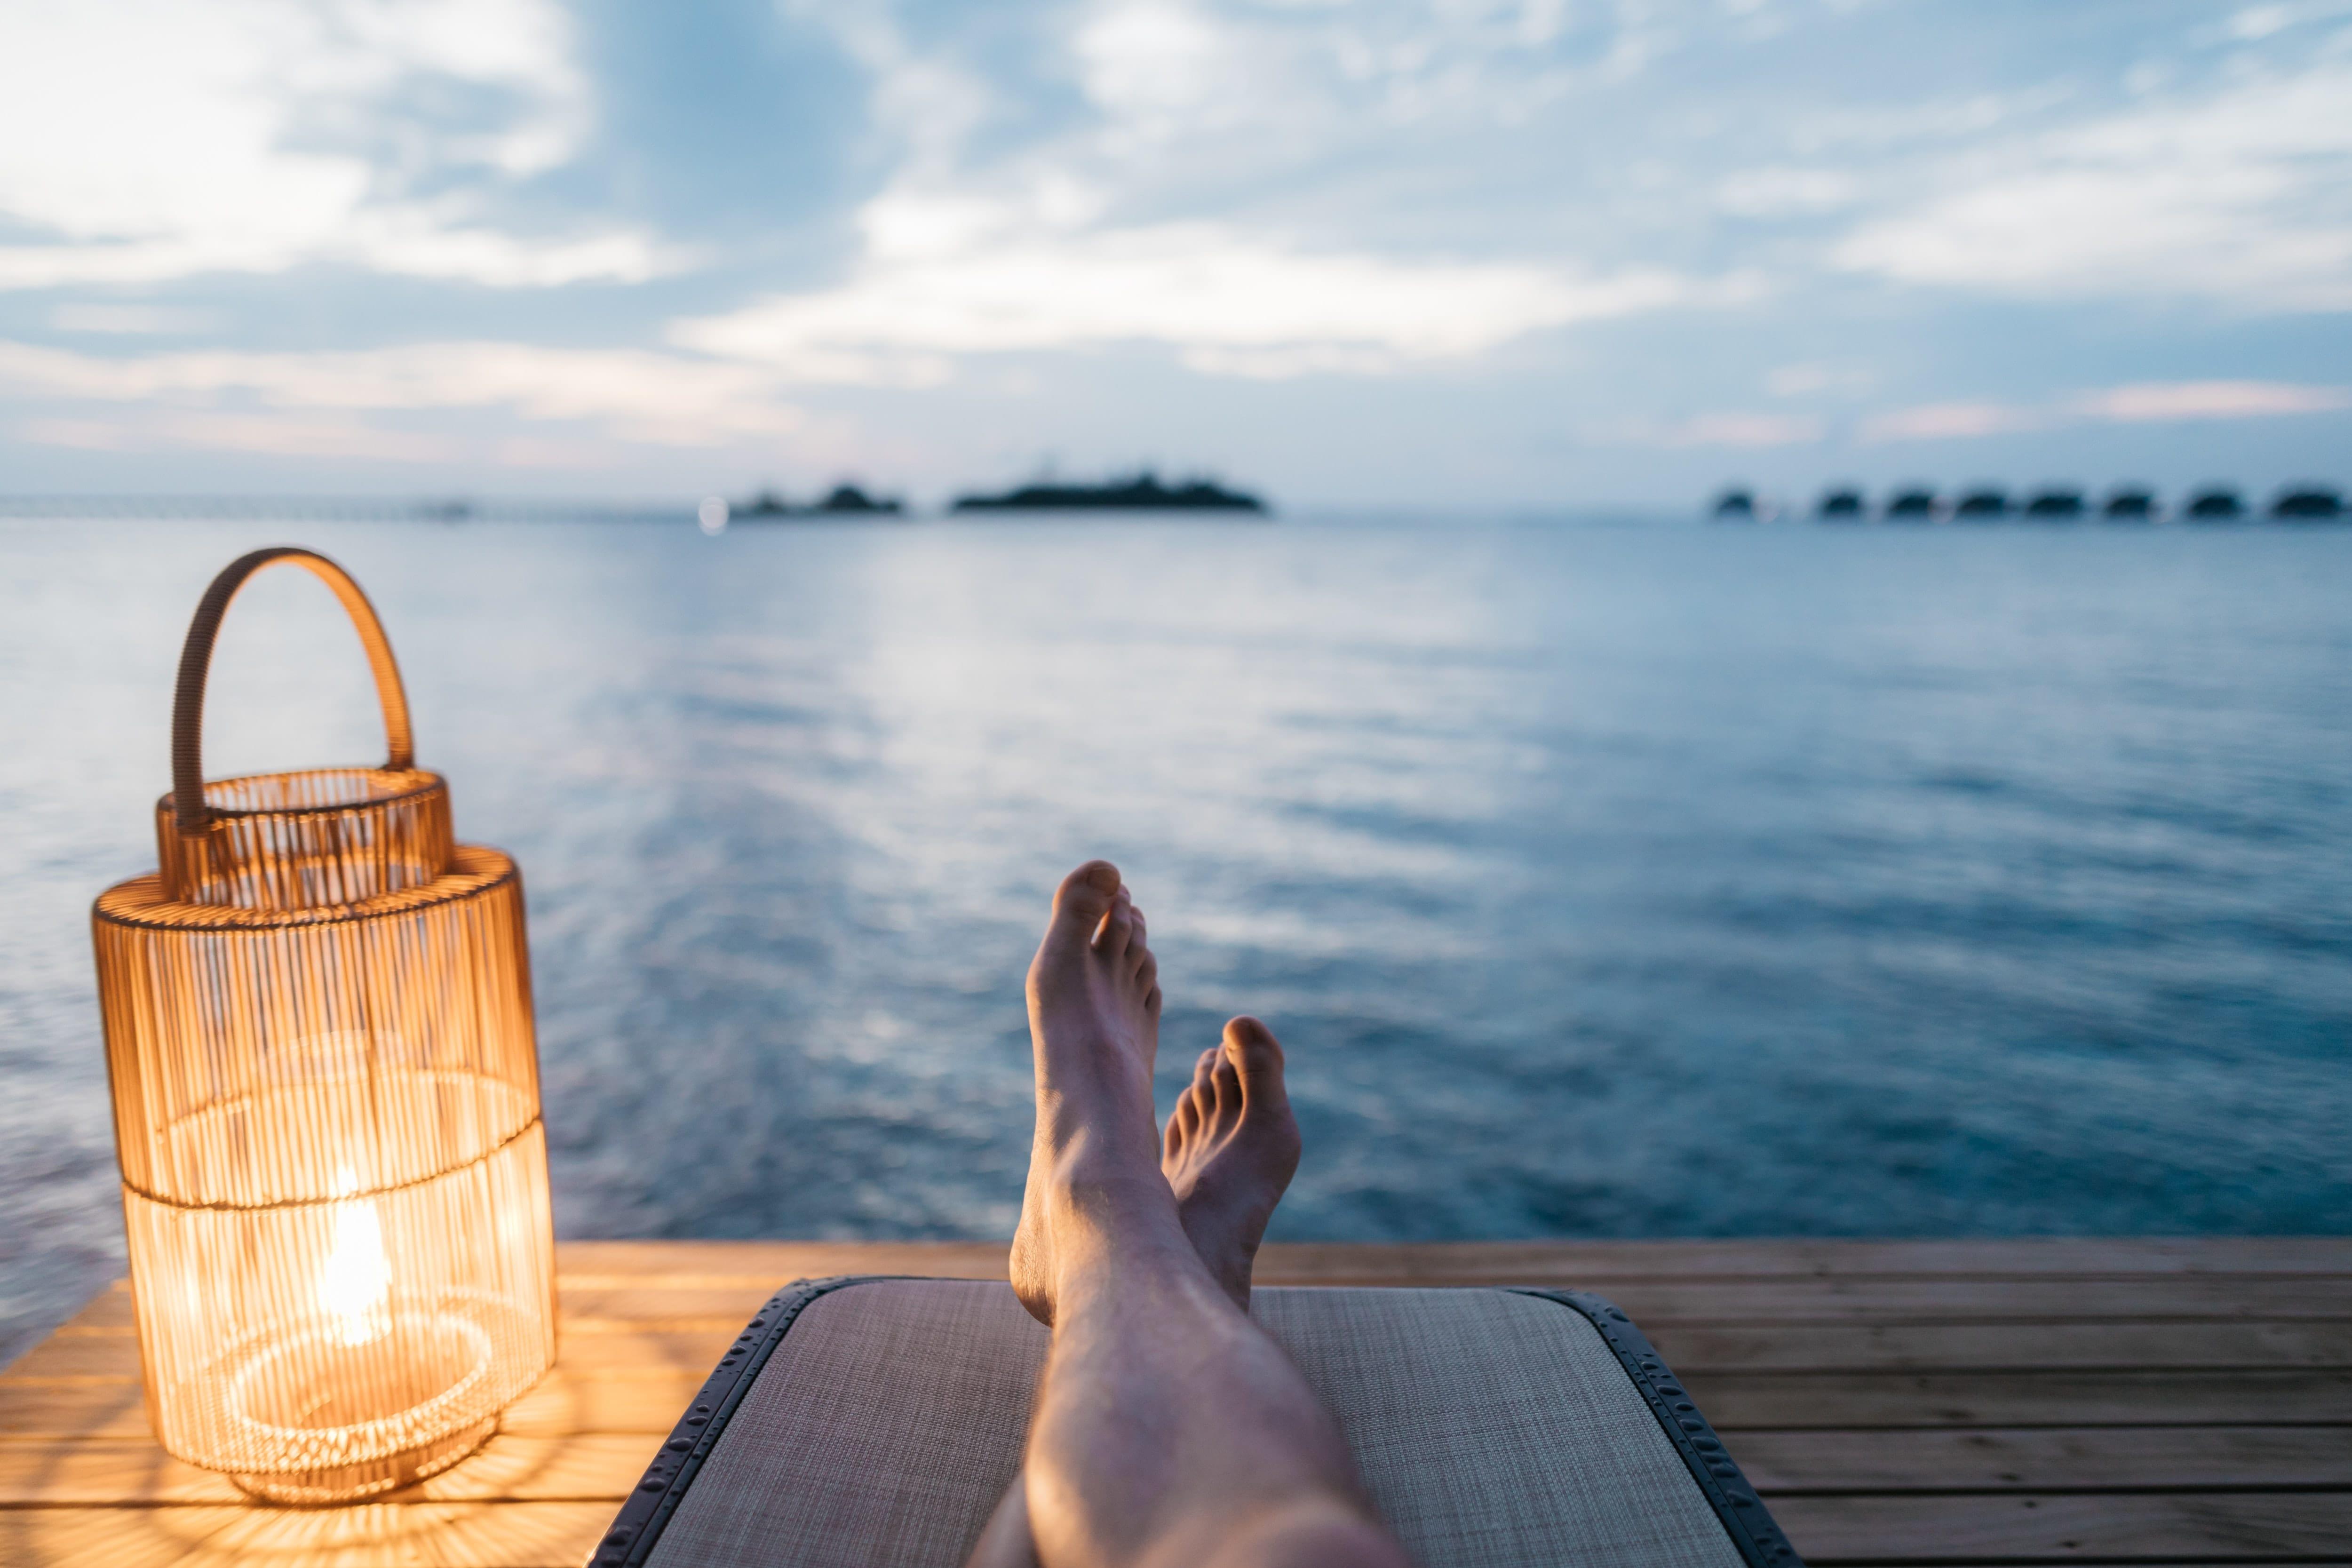 З'явилася вакансія мандрівника з зарплатою 2500 доларів в тиждень